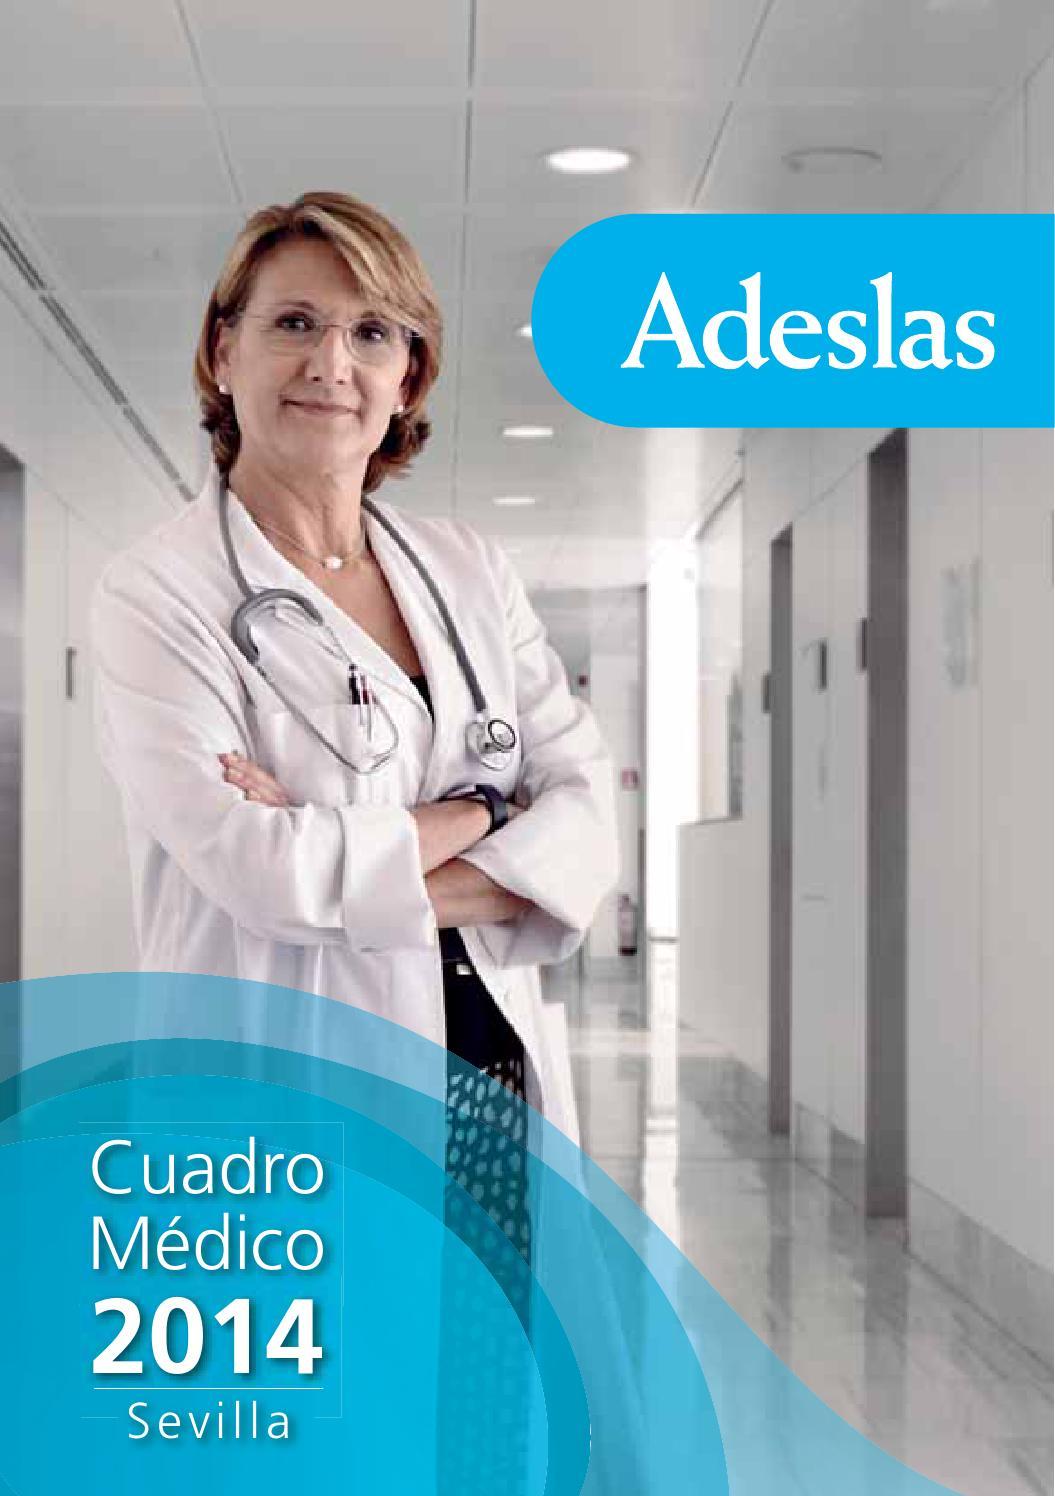 Cuadro medico adeslas sevilla by esther lopez issuu for Oficinas de adeslas en madrid